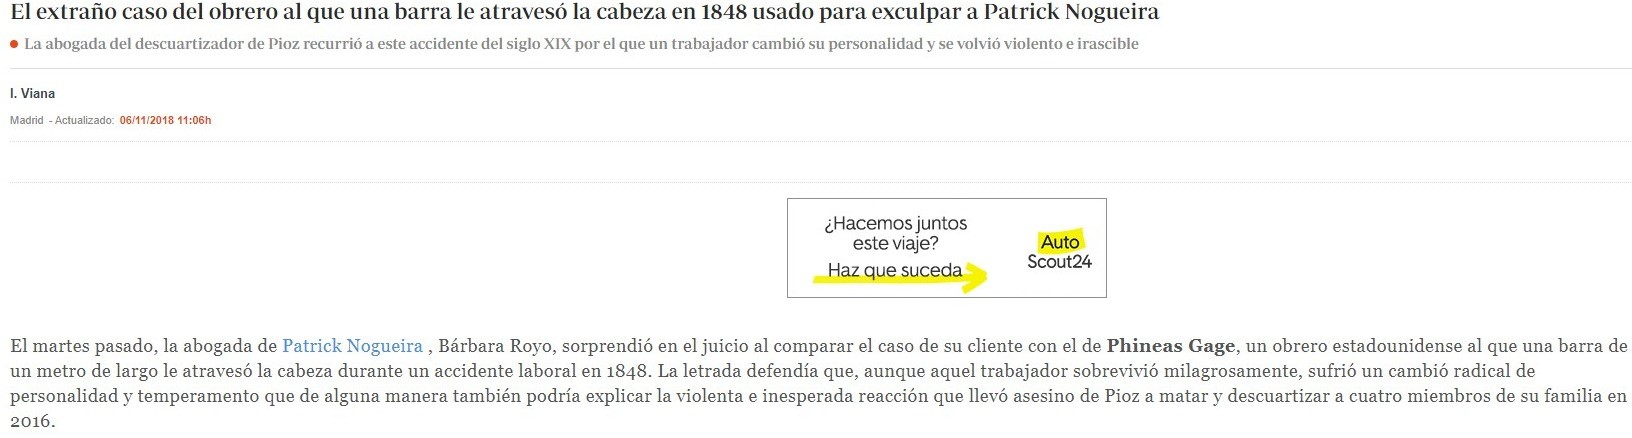 «El extraño caso del obrero al que una barra le atravesó la cabeza en 1848 usado para exculpar a Patrick Nogueira»